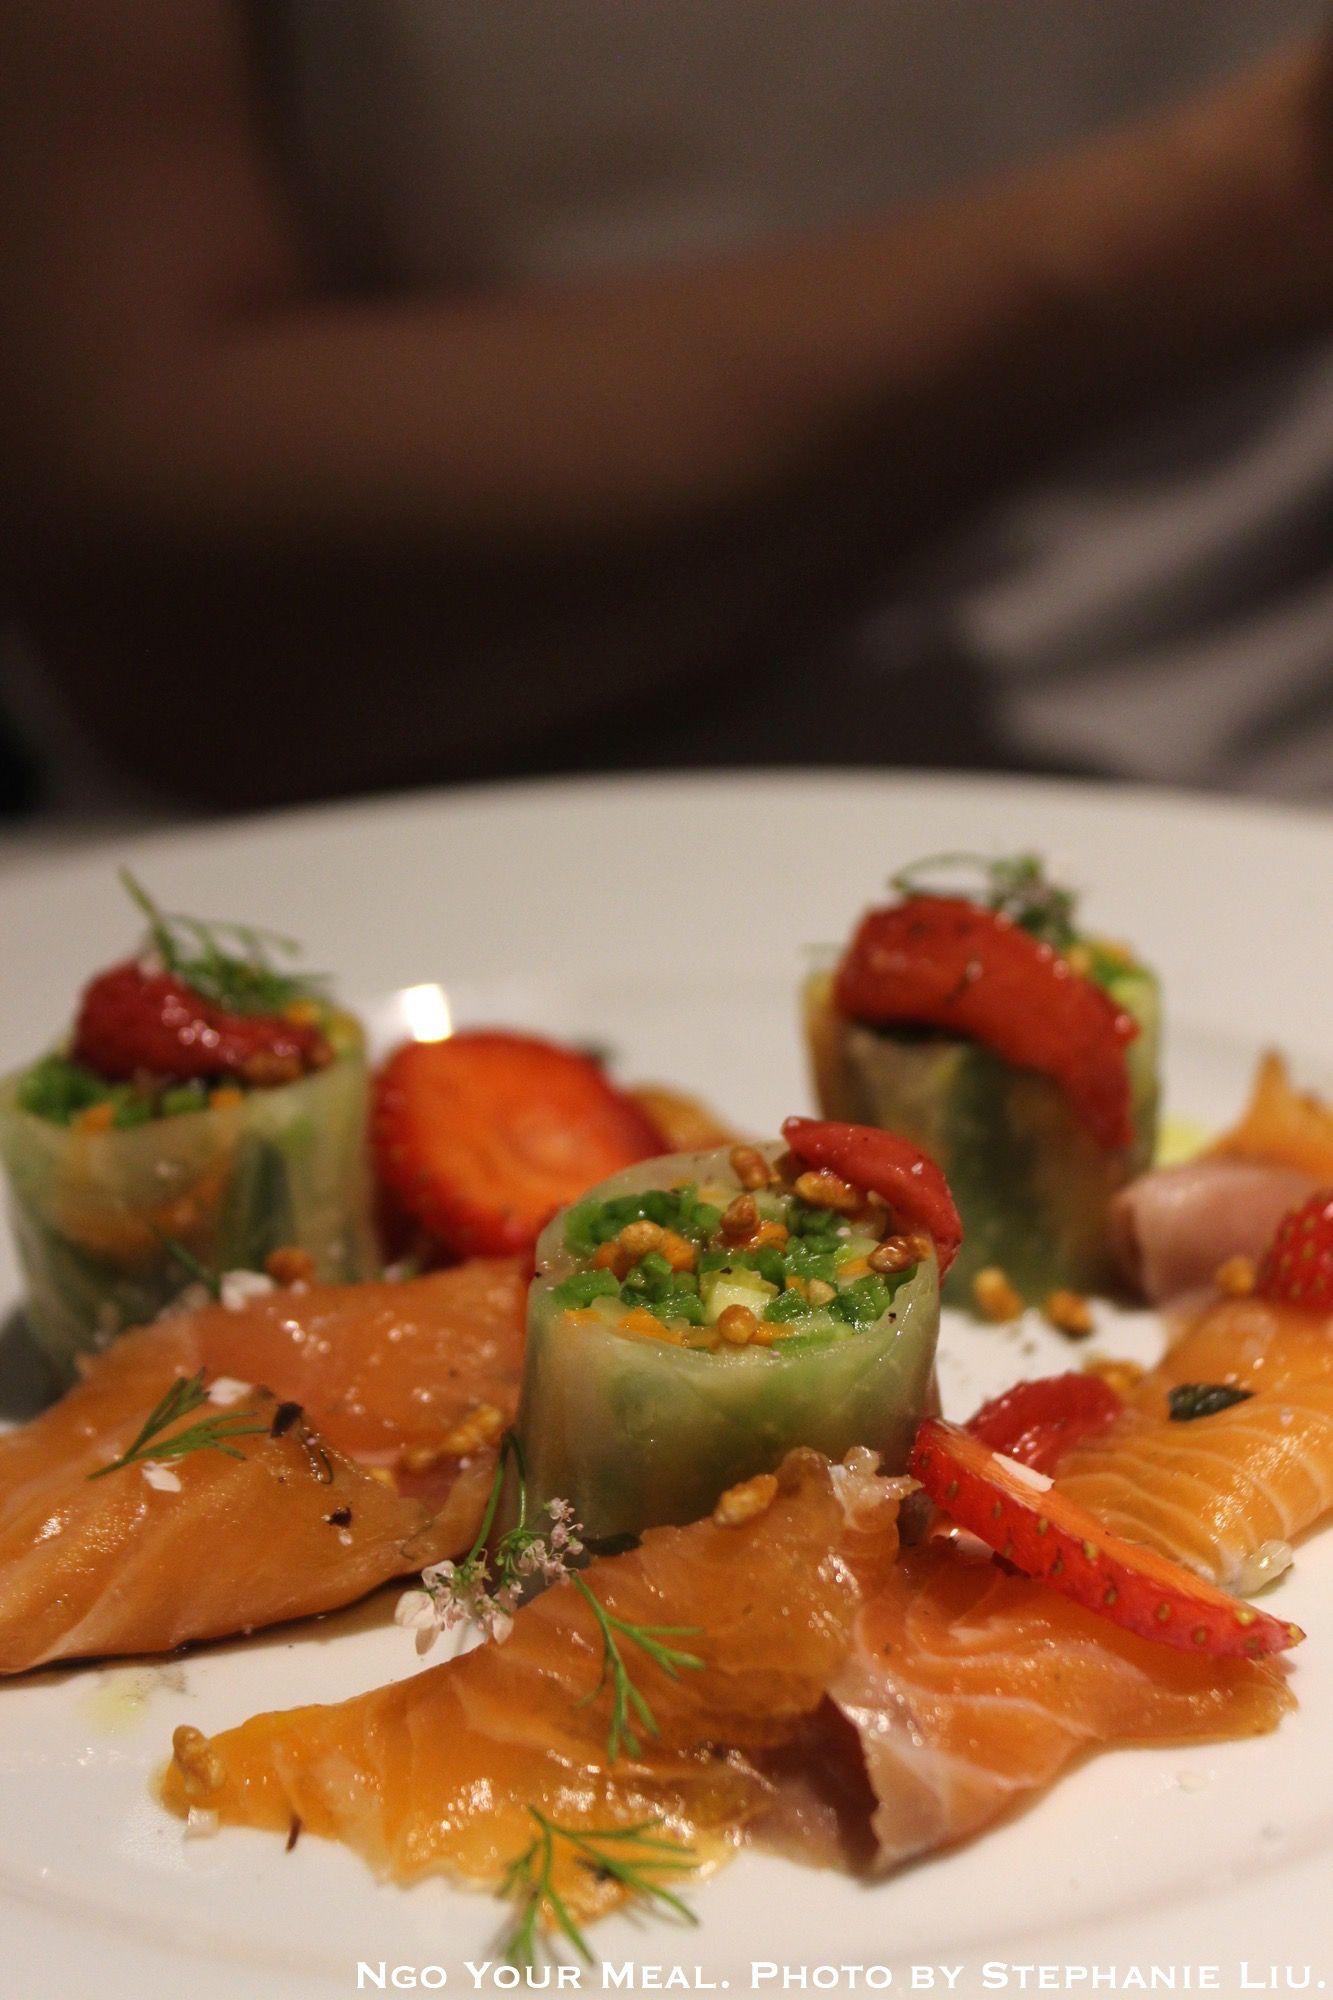 Banka trout gravlax , Maki of Vegetables, Strawberry Chutney (Truite Banka Gravlax, Maki de Legumes, Chutney Fraise) at Semilla